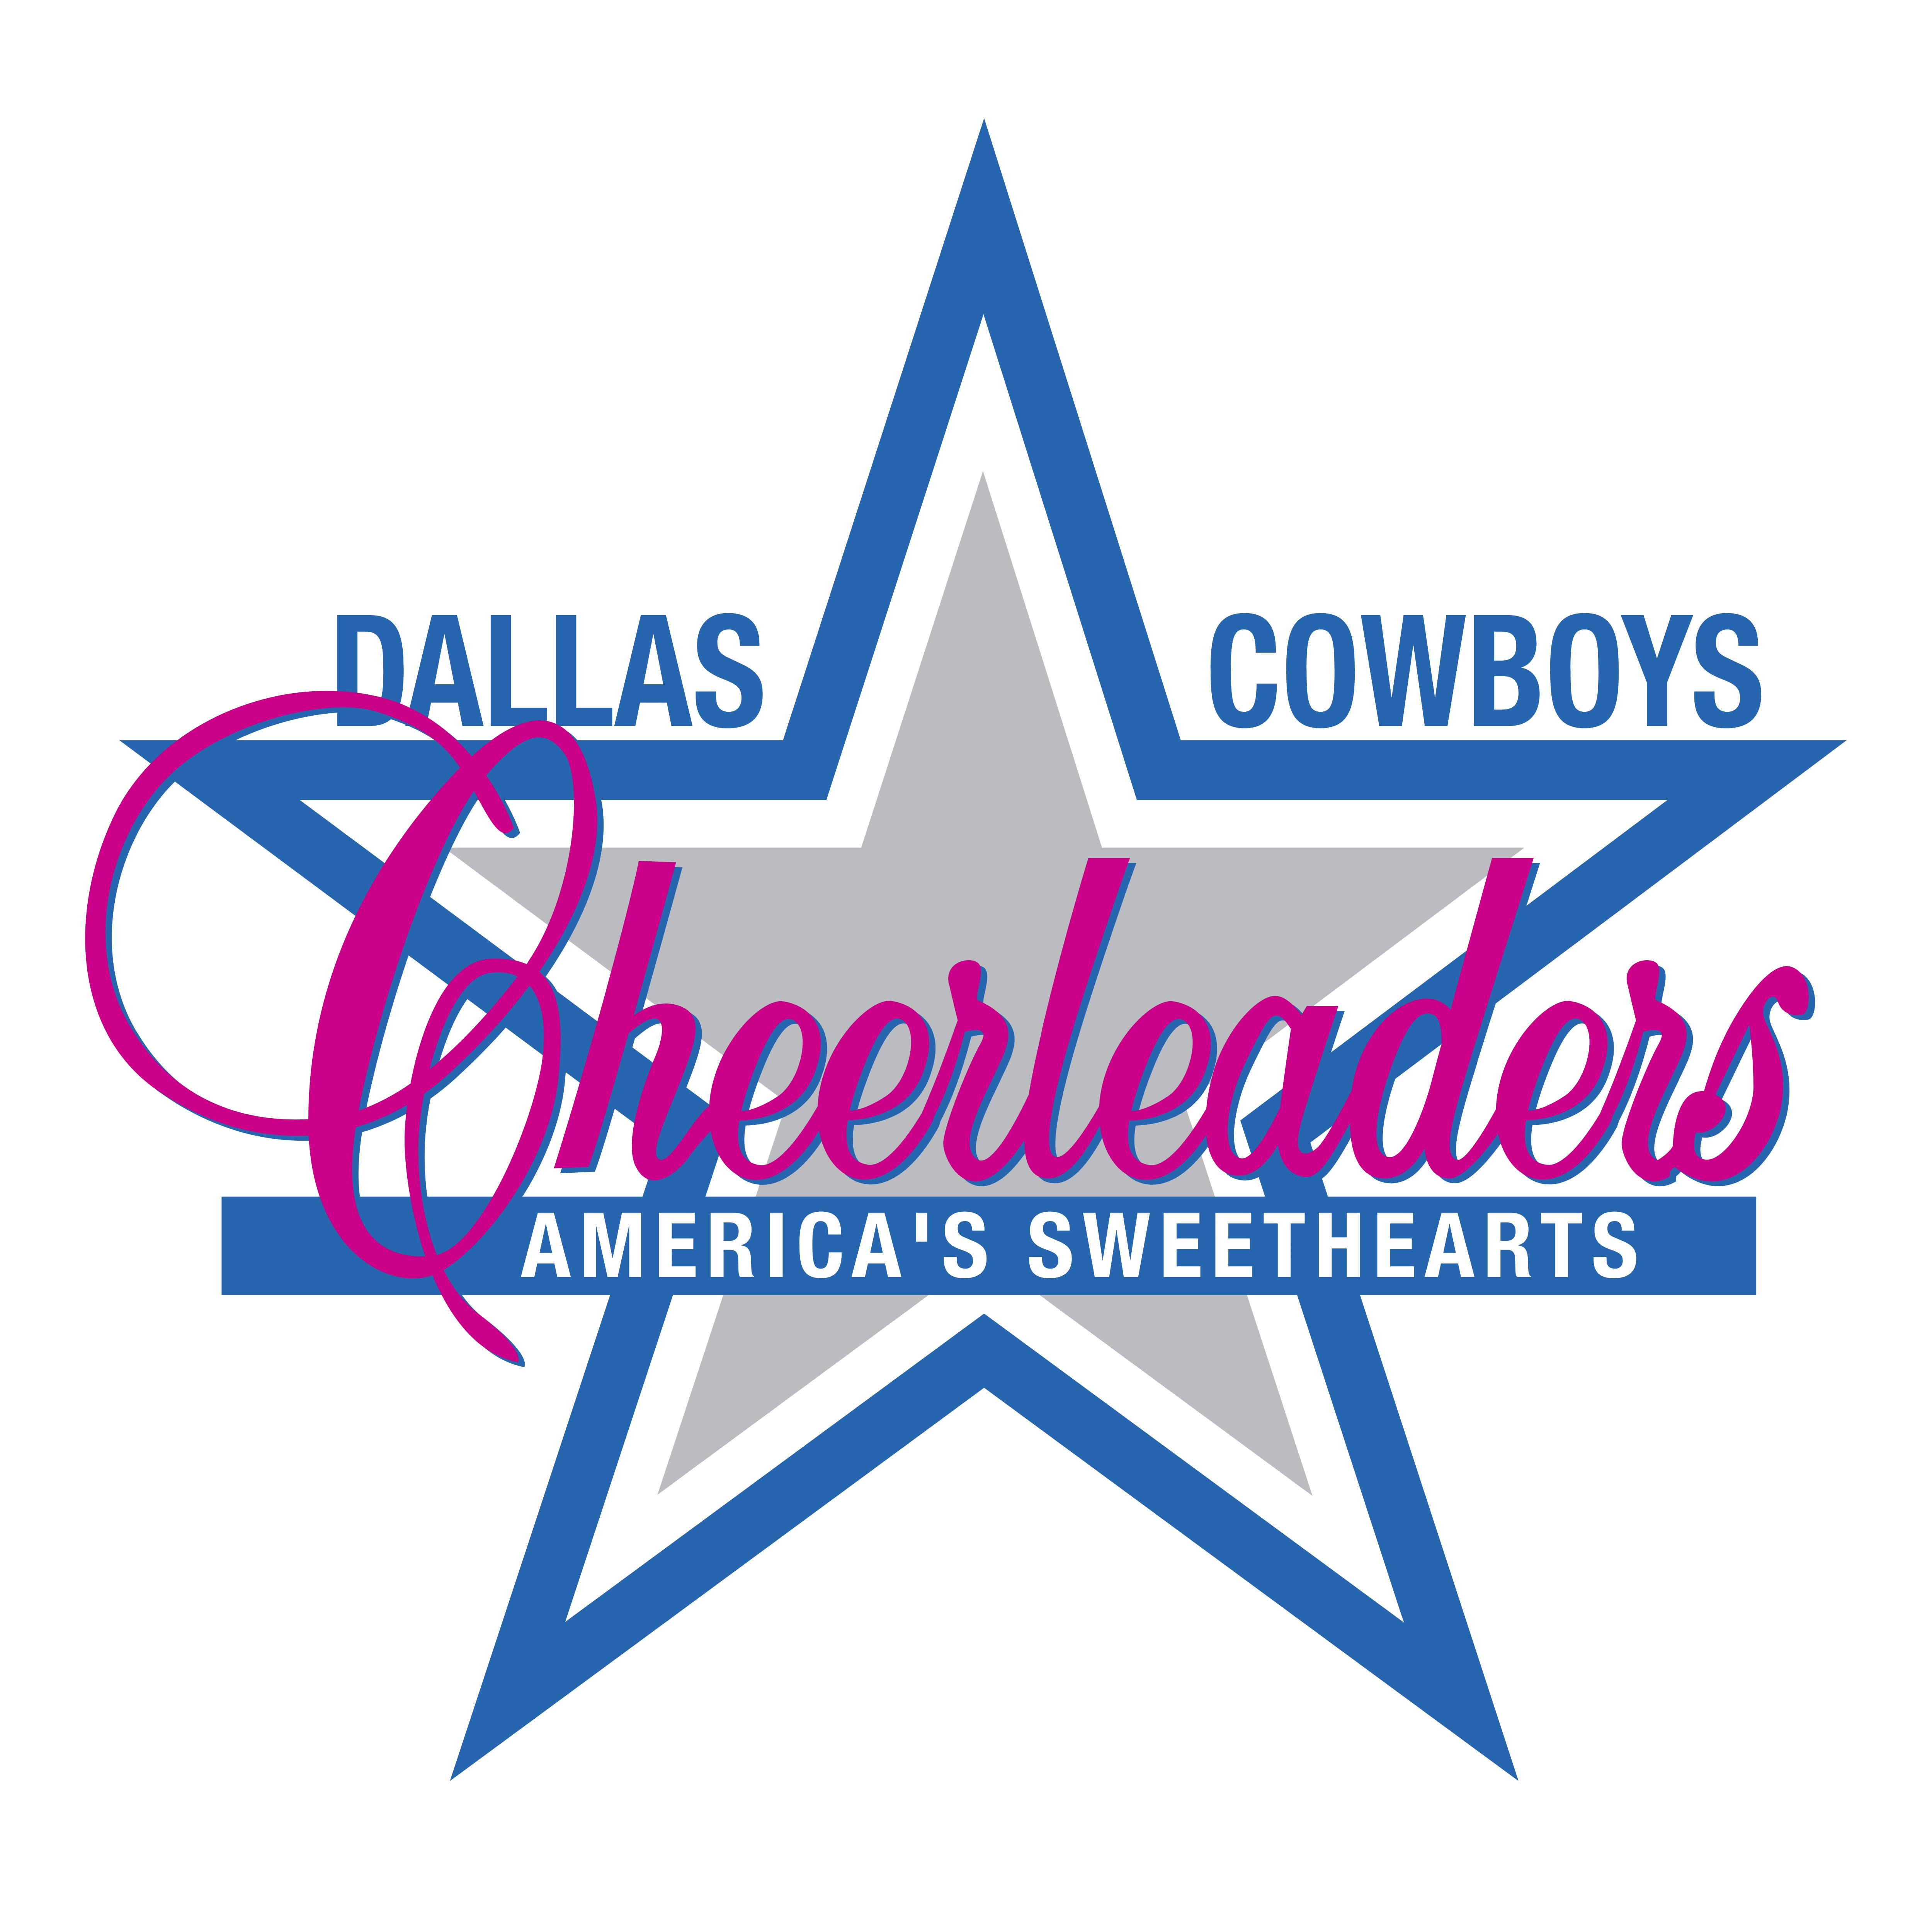 Dallas Cowboys Logos Download